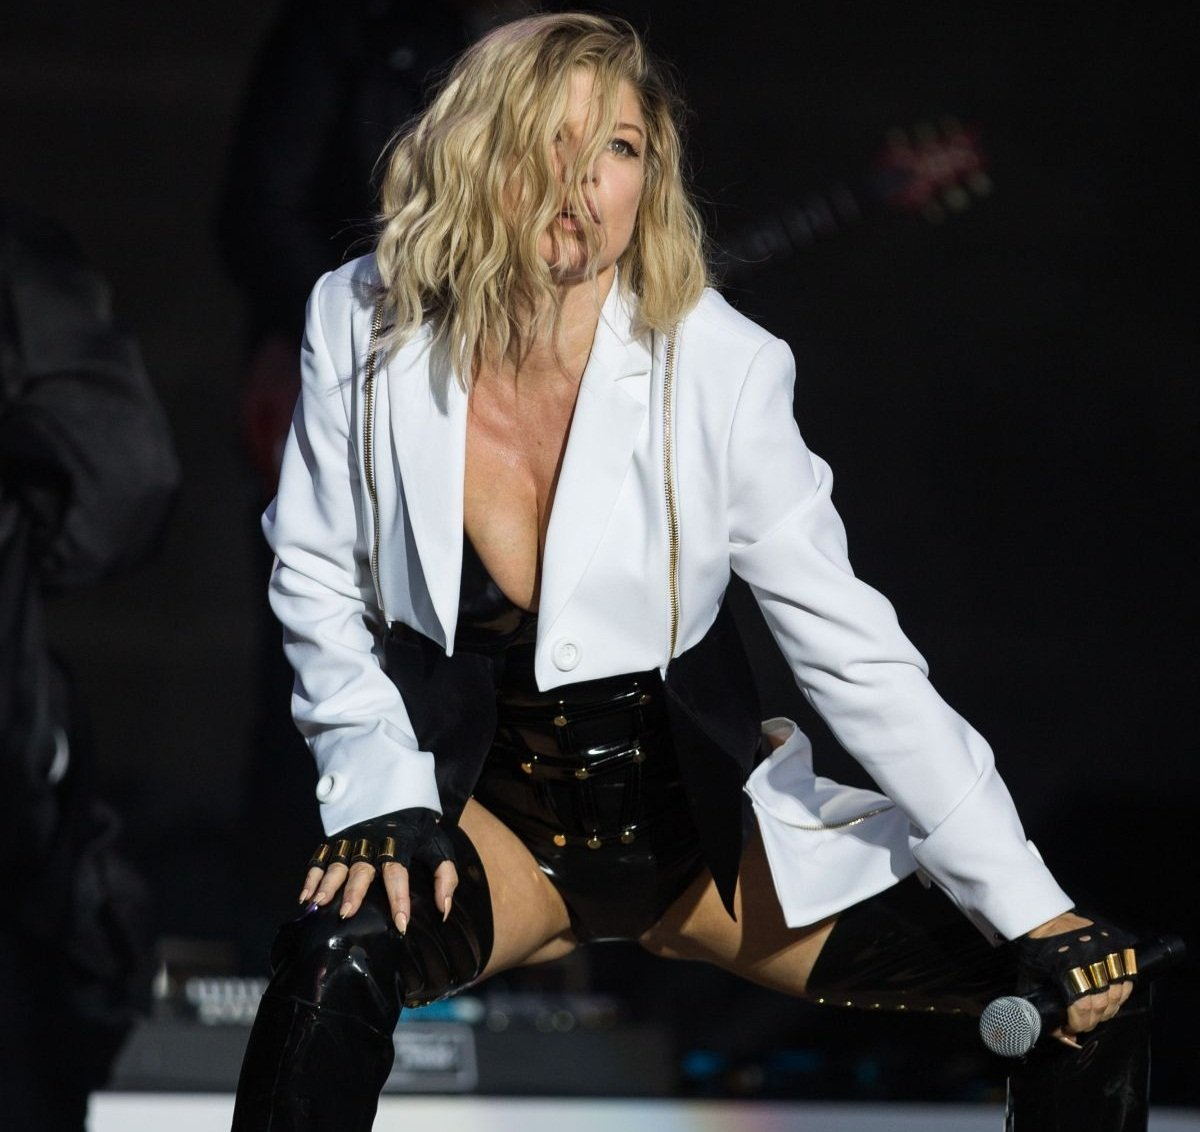 Стейси Фергюсон шокировала всех своим нарядом на концерте в Лисбоне